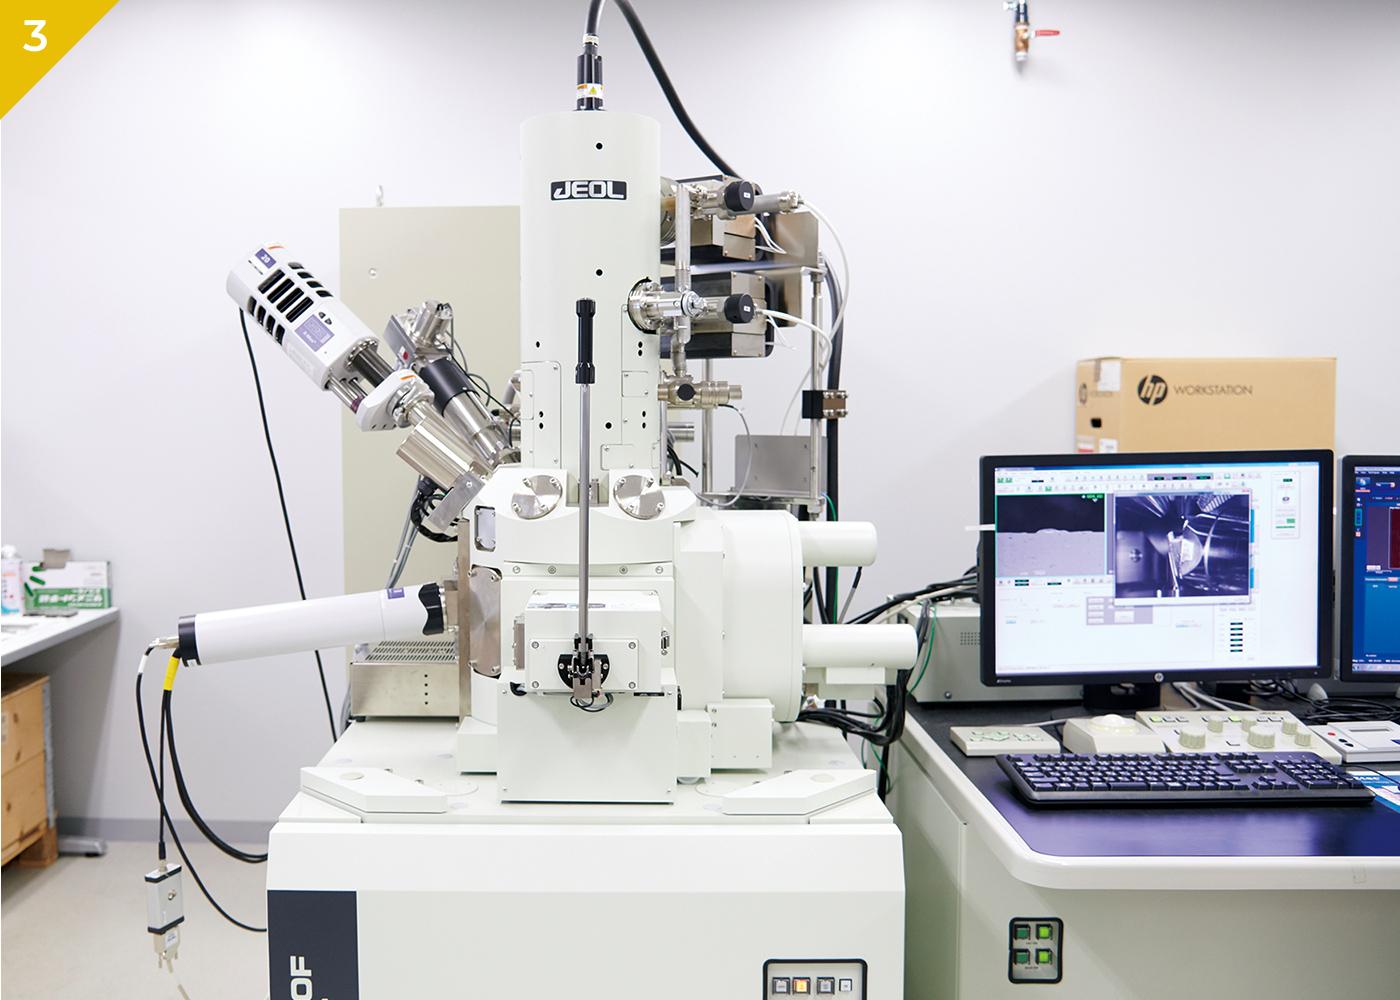 走査型電子顕微鏡